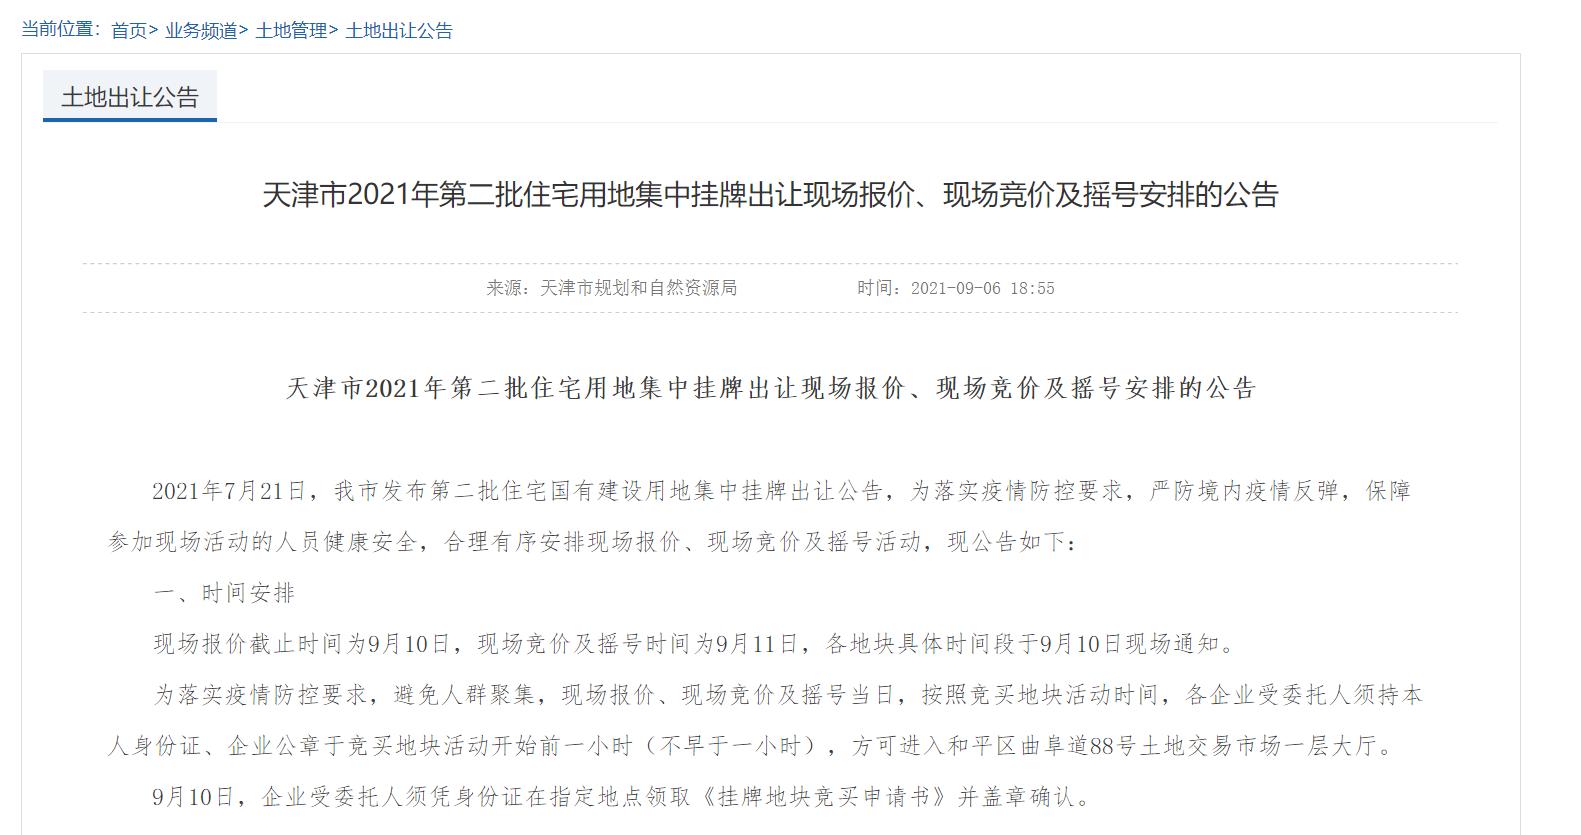 天津第二批住宅用地集中挂牌出让现场报价、现场竞价及摇号安排的公告_中国网地产